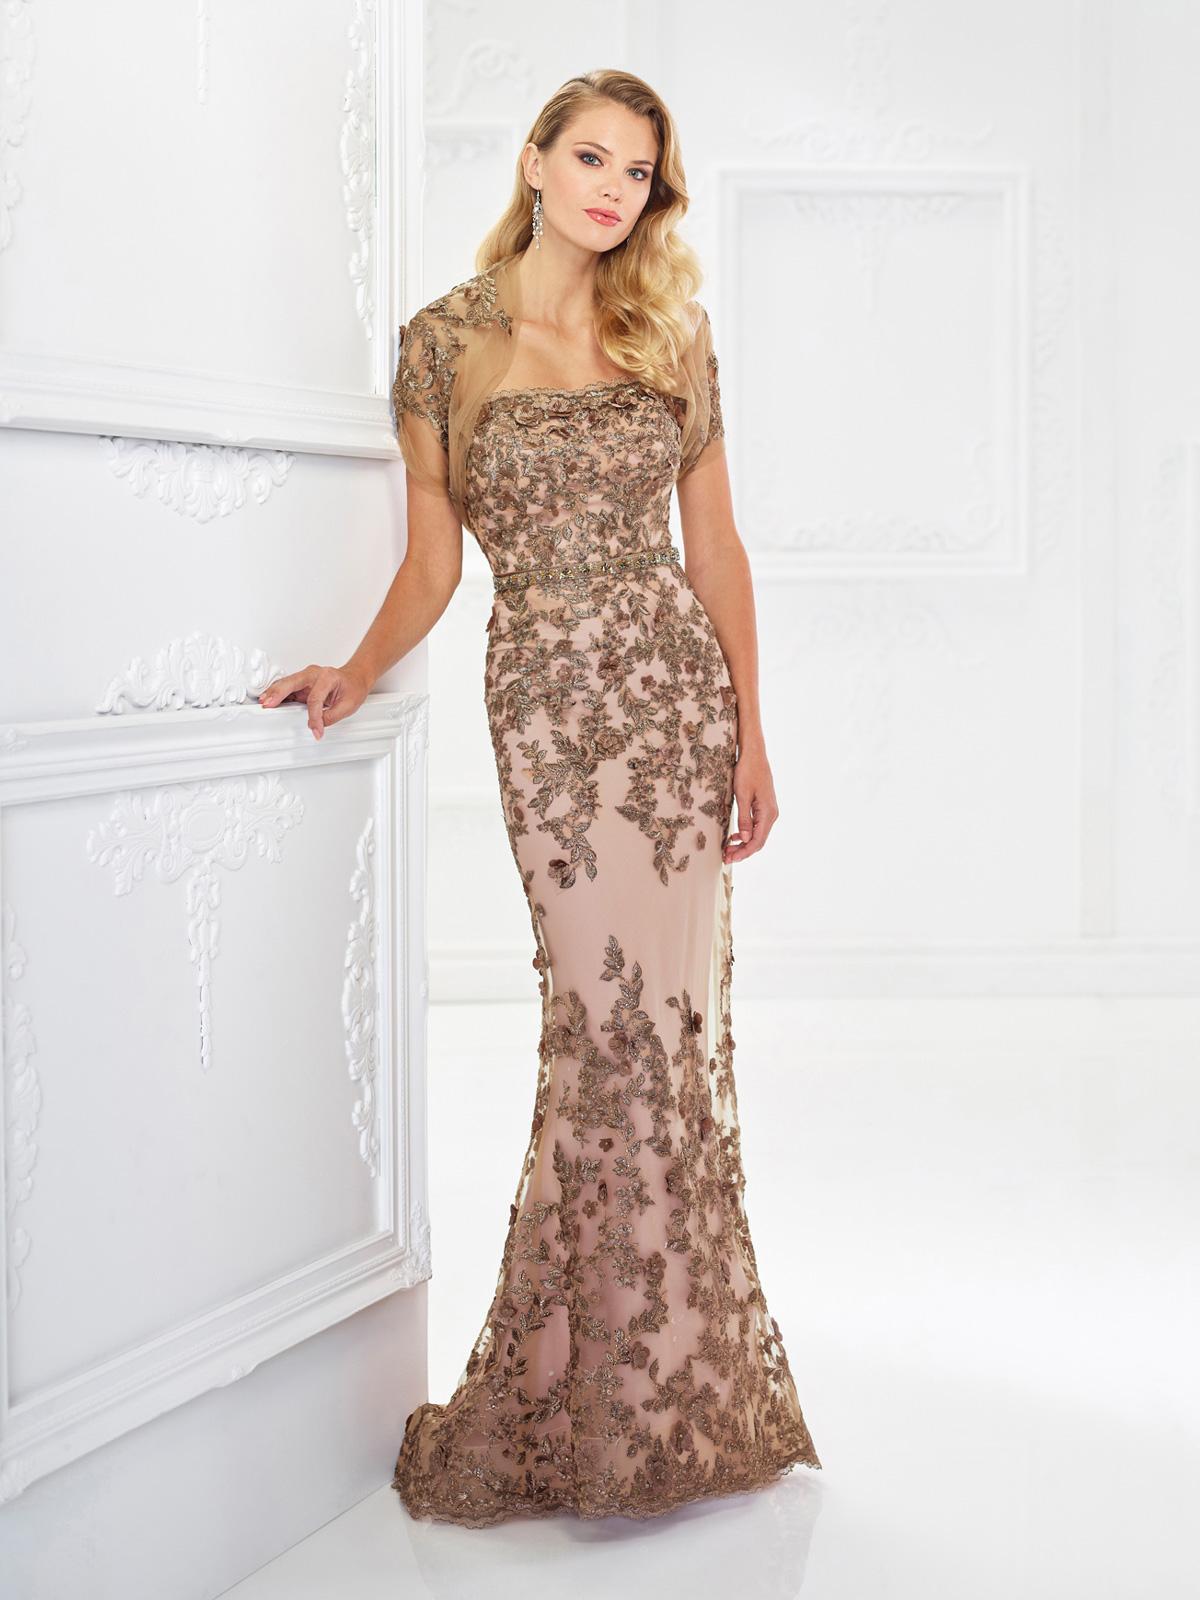 Vestido de Festa tomara que caia lindo todo confeccionado em renda rebordada com pedrarias, corte reto e detalhe de bolero opcional.